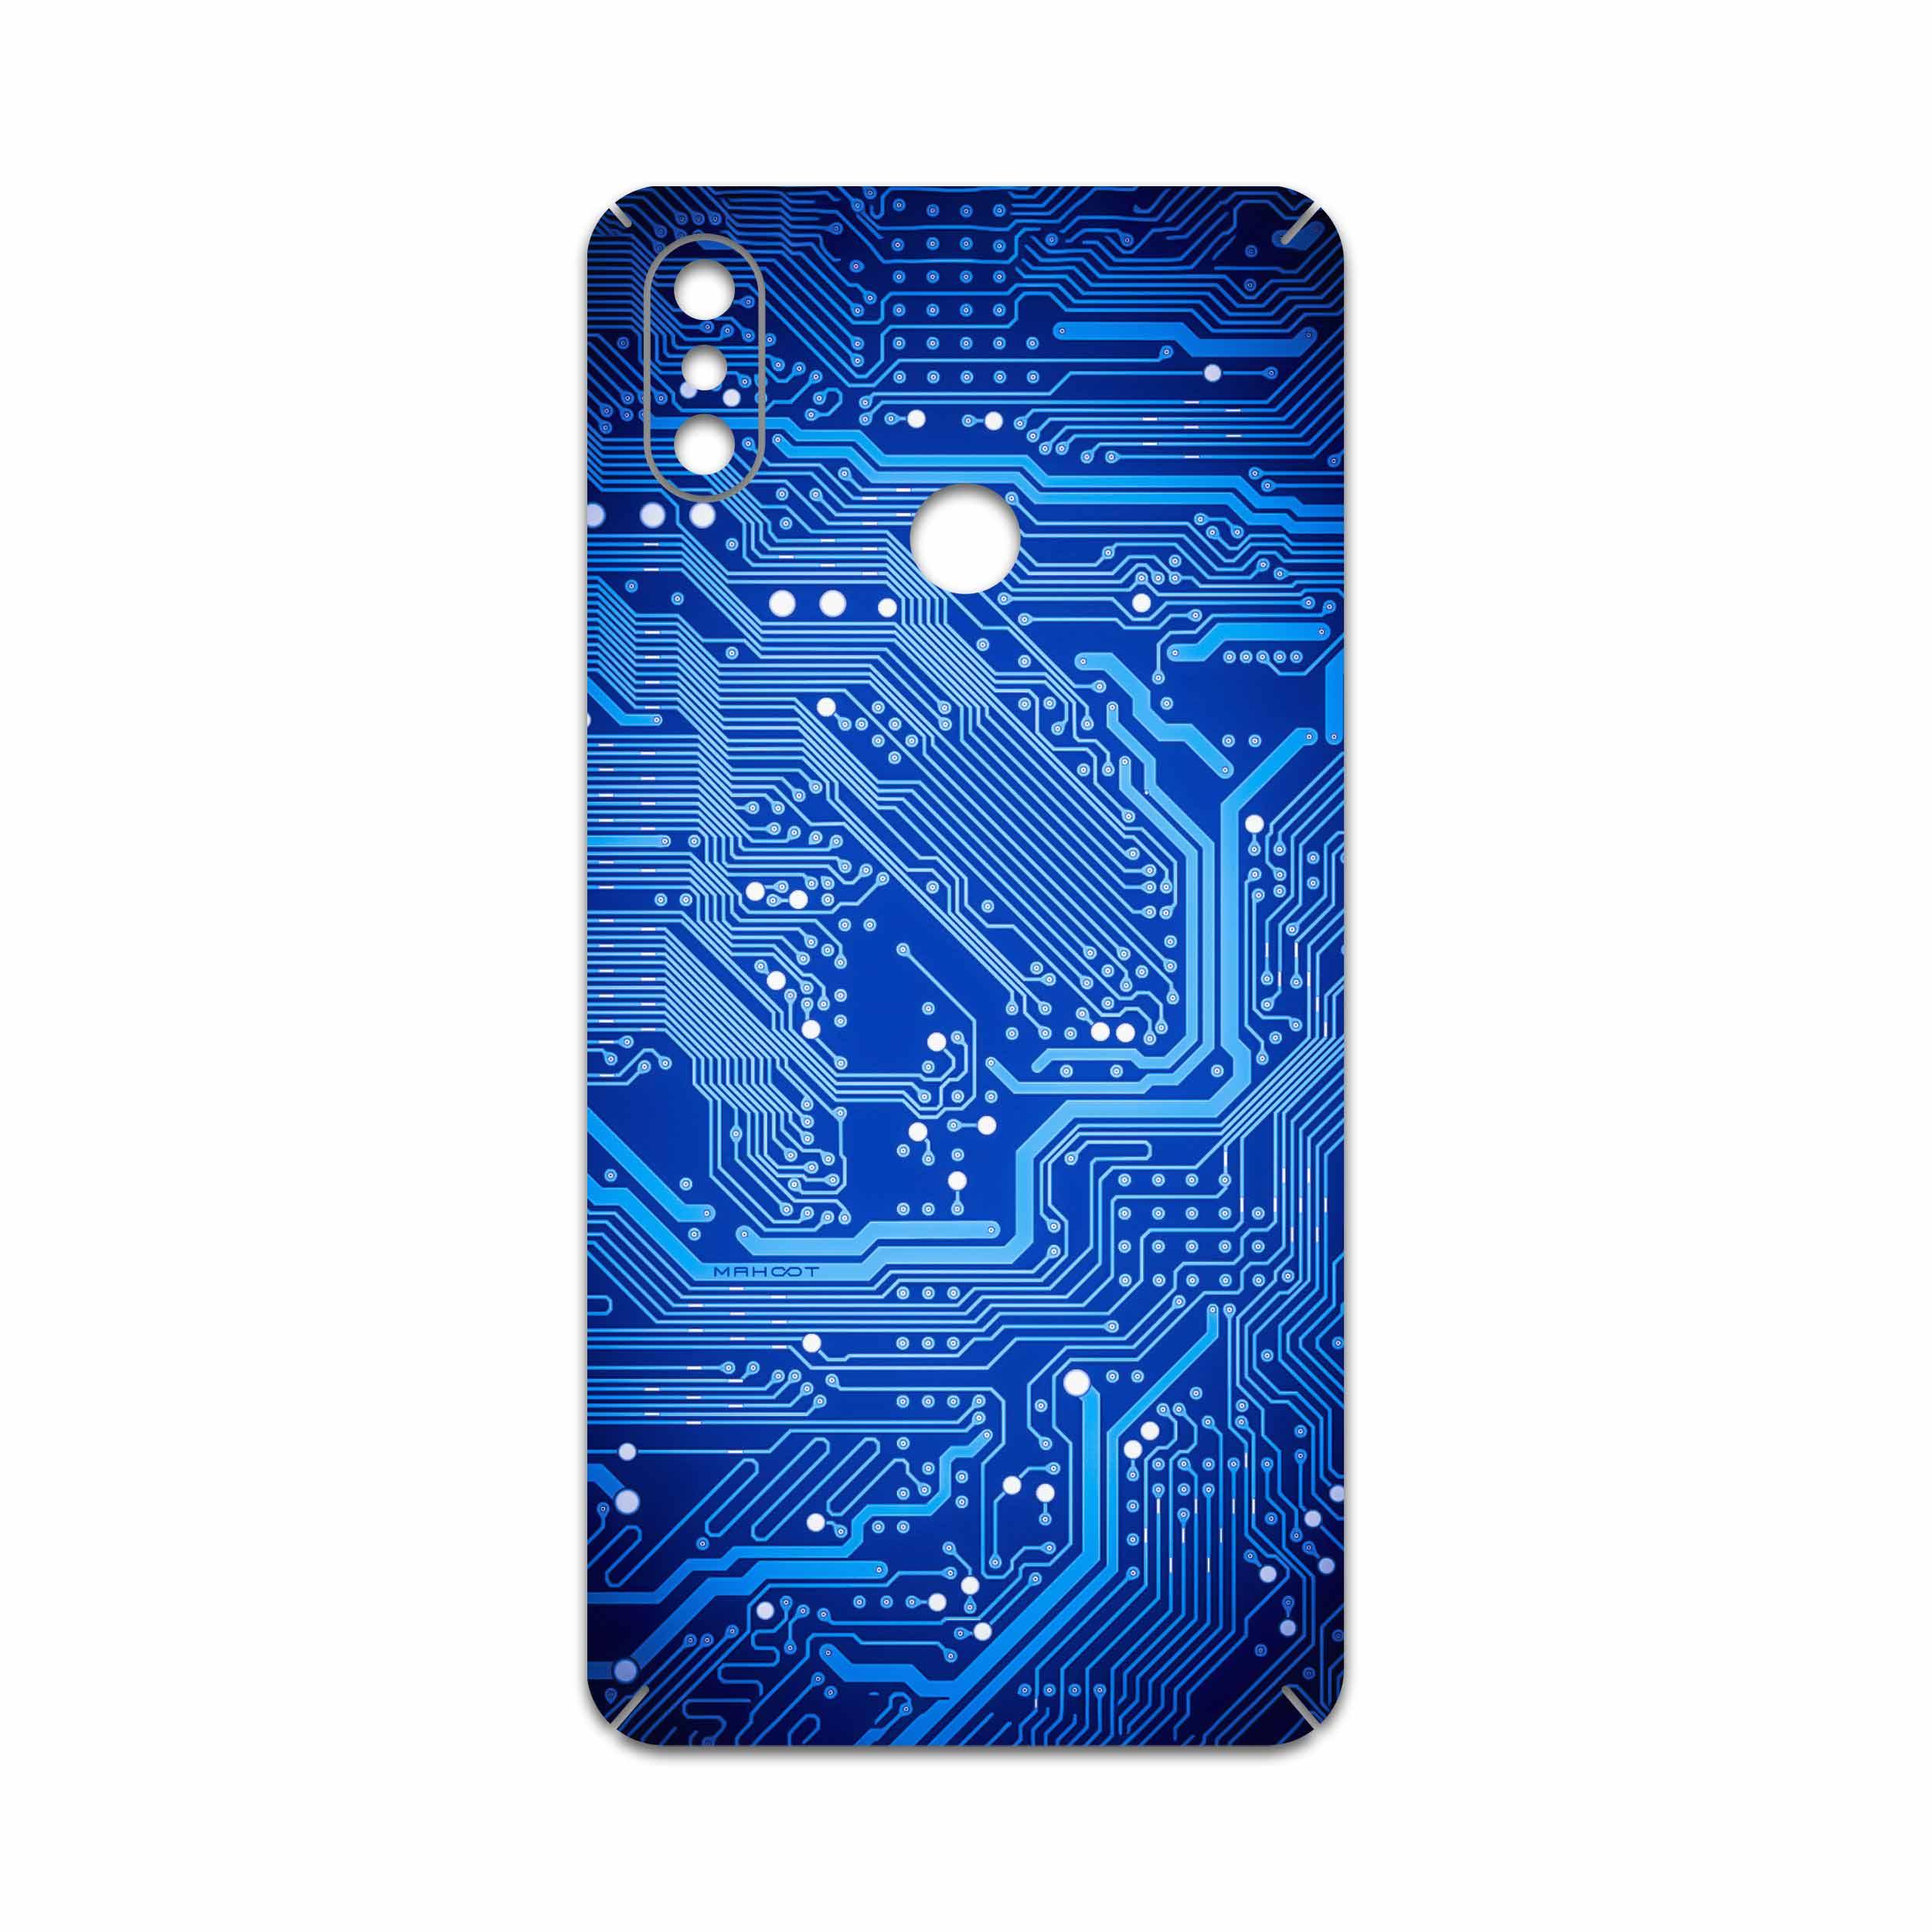 برچسب پوششی ماهوت مدل Blue Printed Circuit Board مناسب برای گوشی موبایل شیائومی Mi Max 3